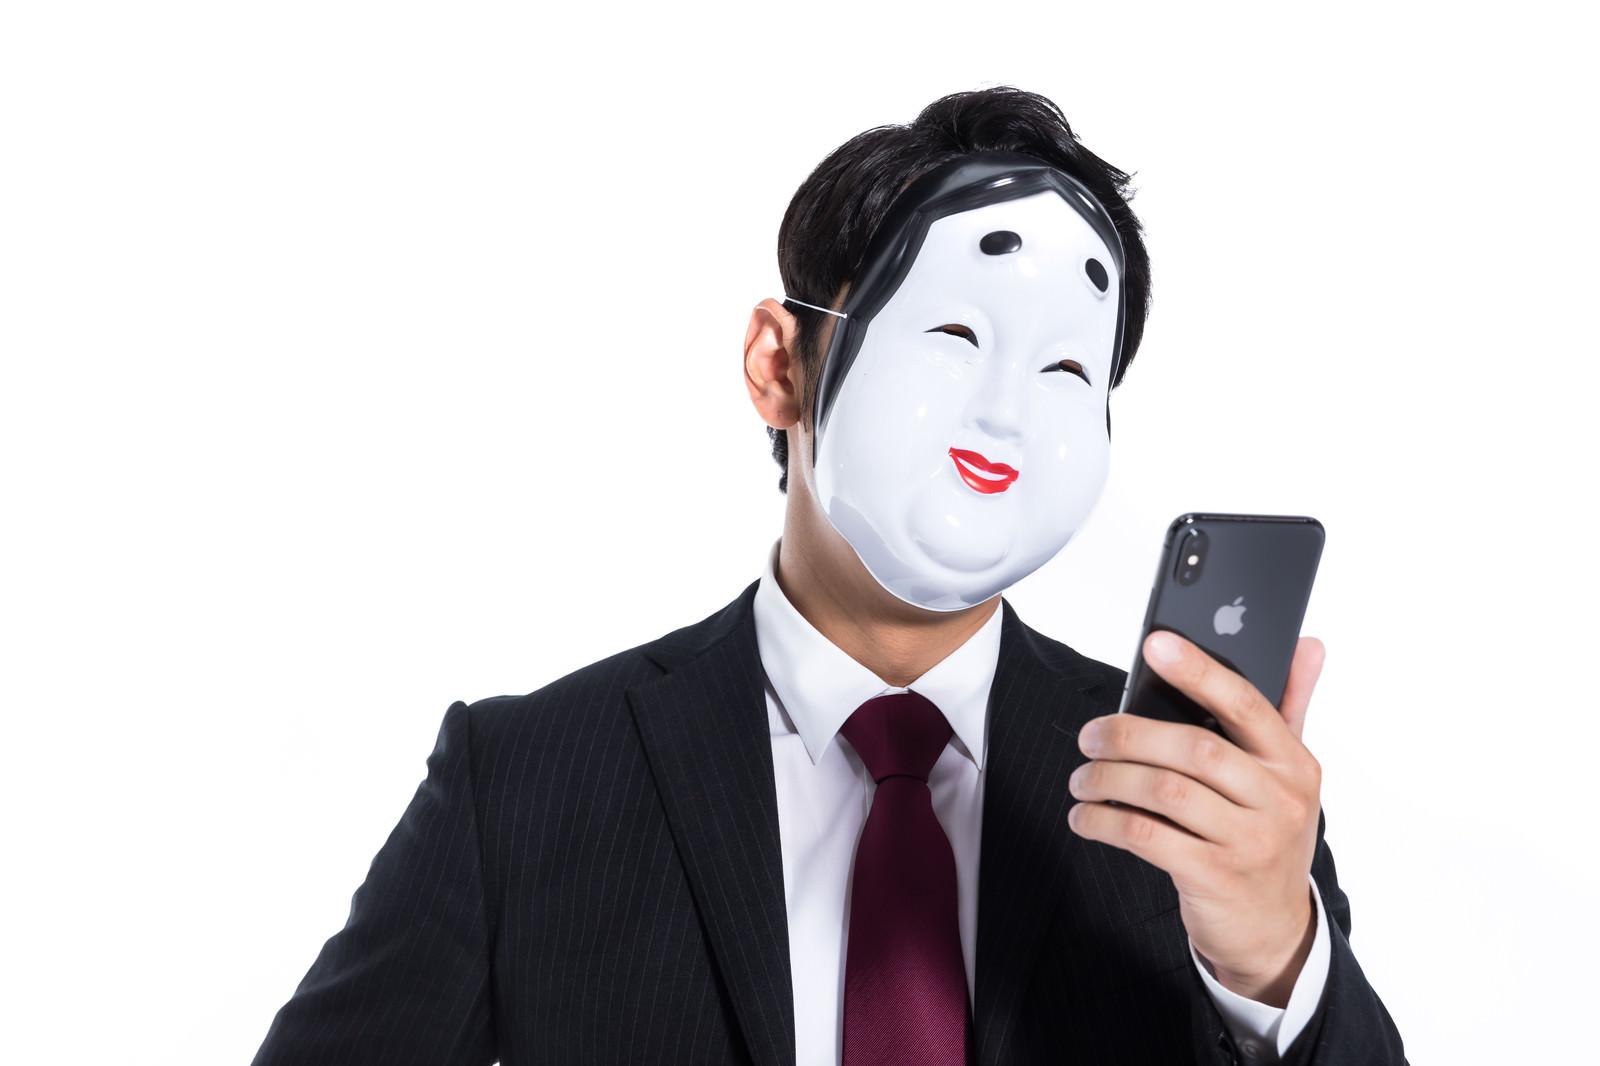 「ロム専に徹する匿名ユーザー | 写真の無料素材・フリー素材 - ぱくたそ」の写真[モデル:大川竜弥]